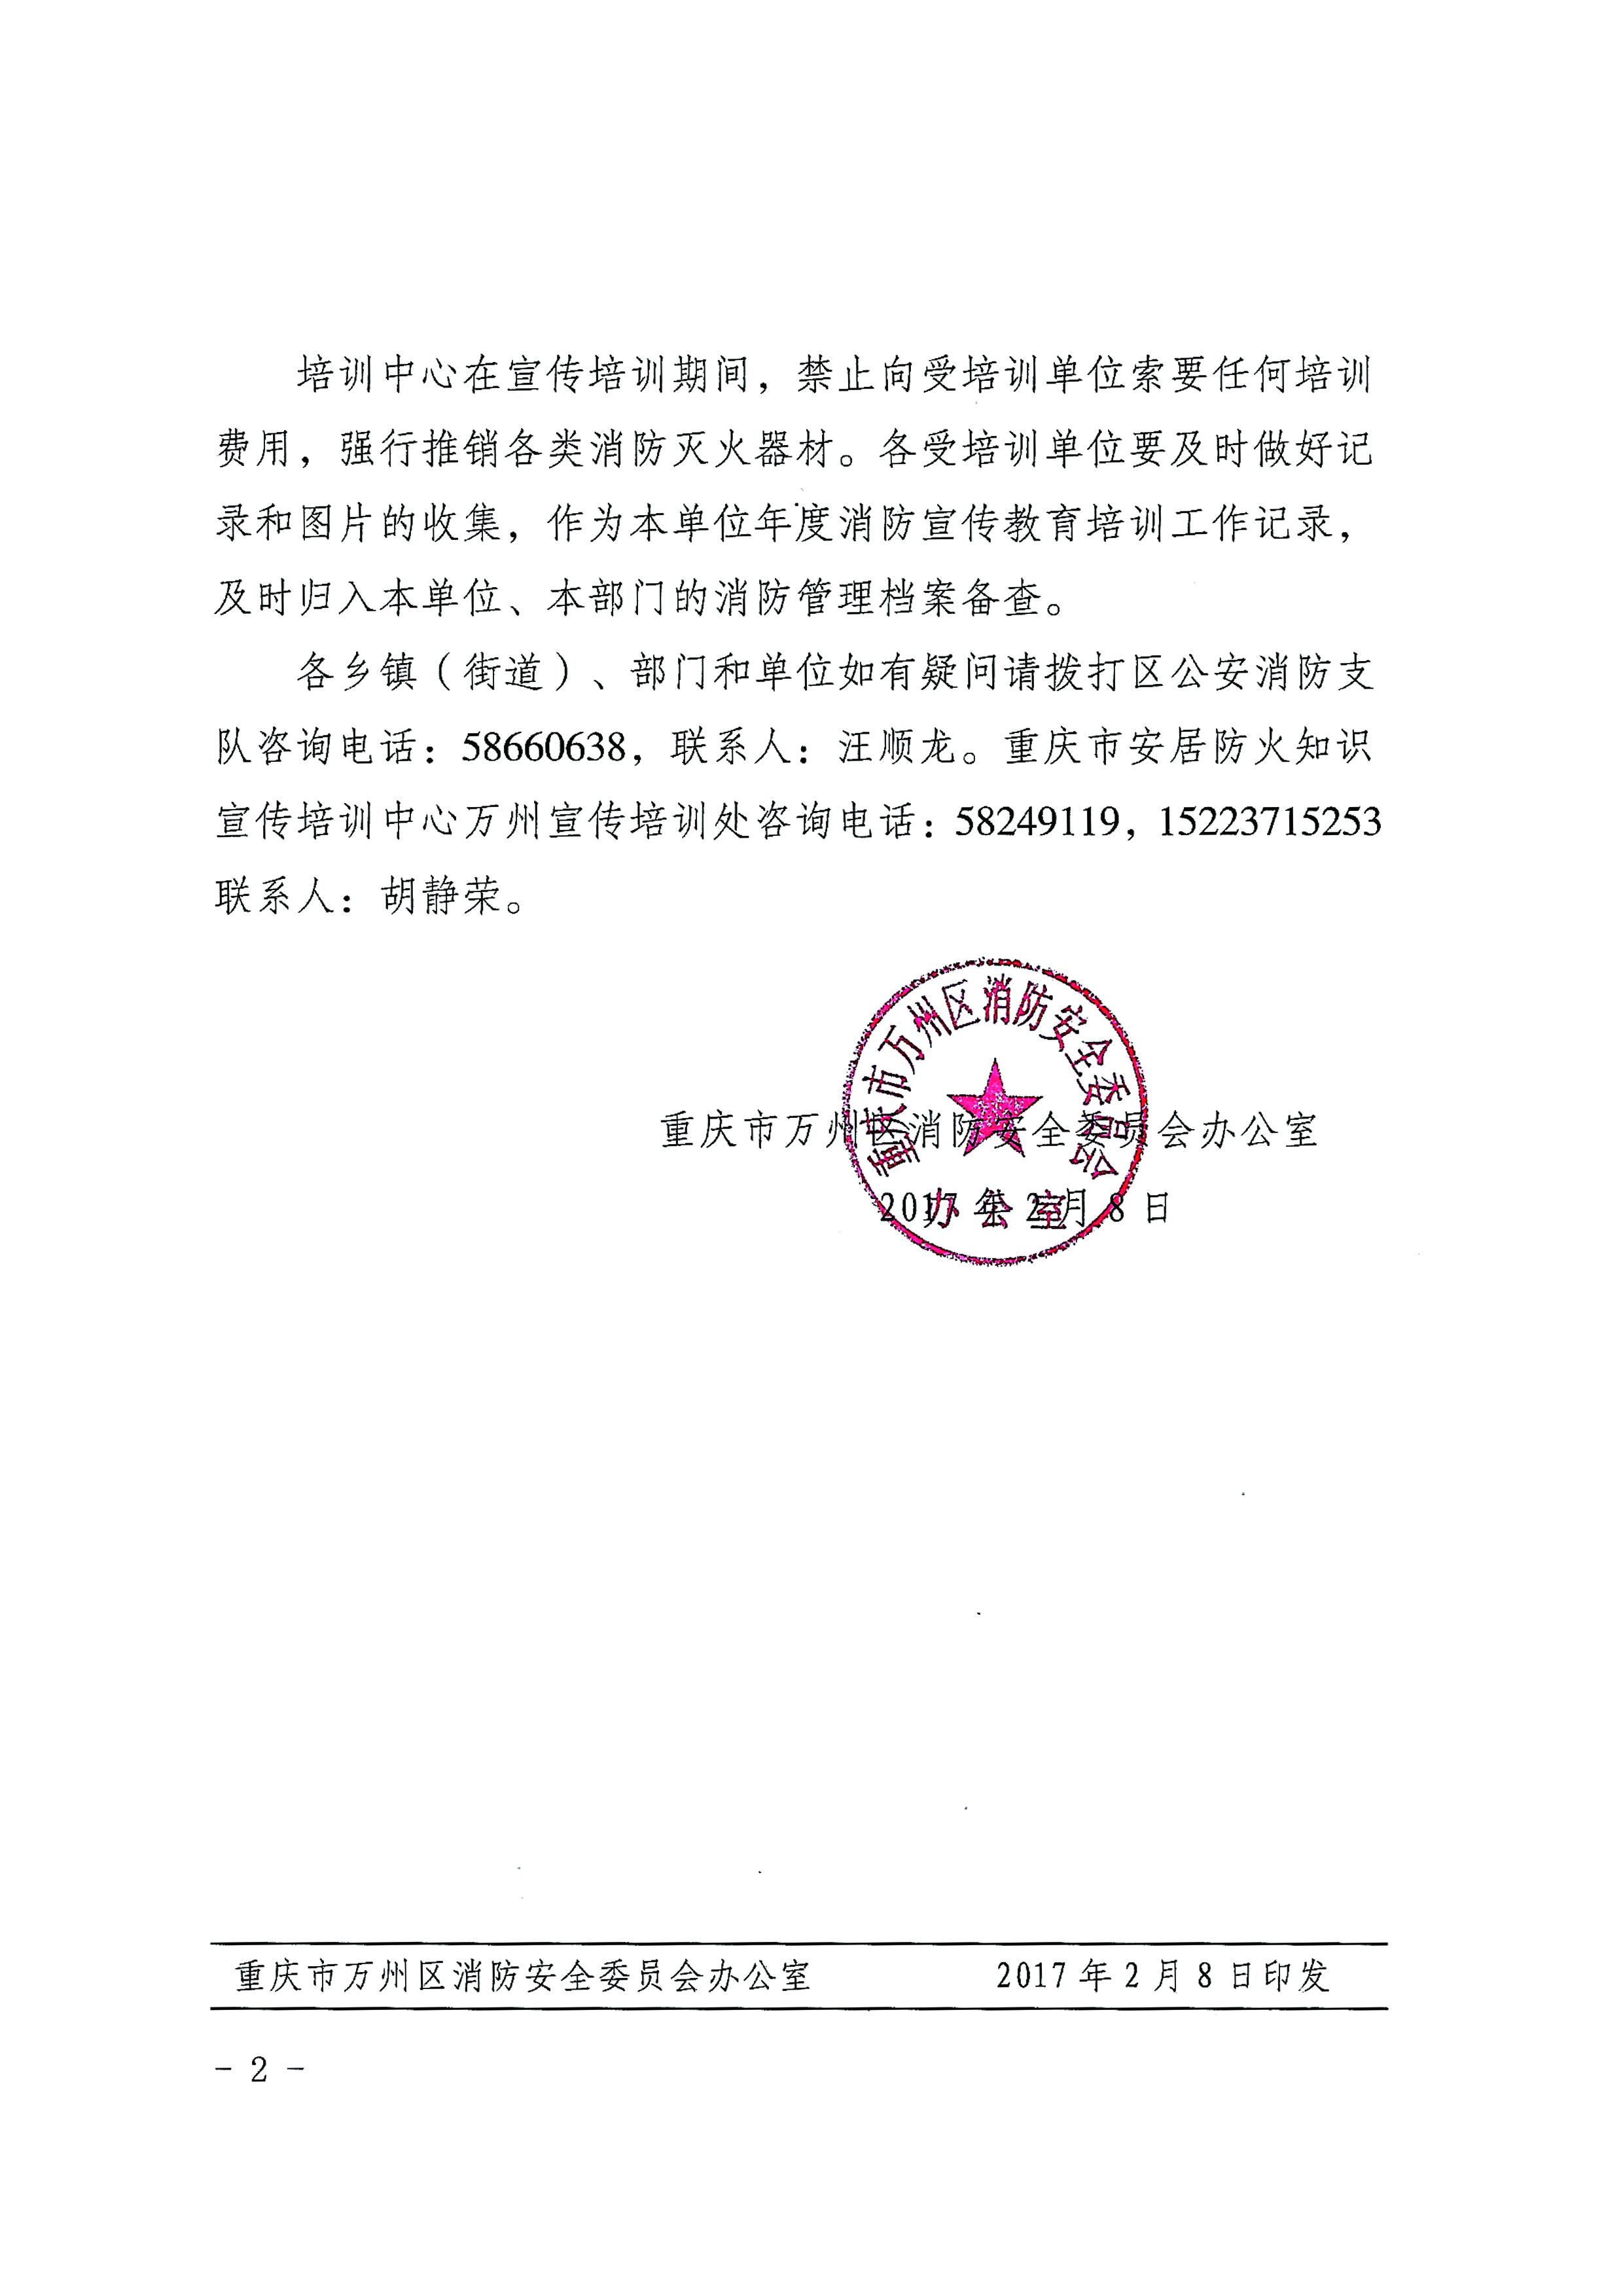 重庆市万州区消防安全委员会